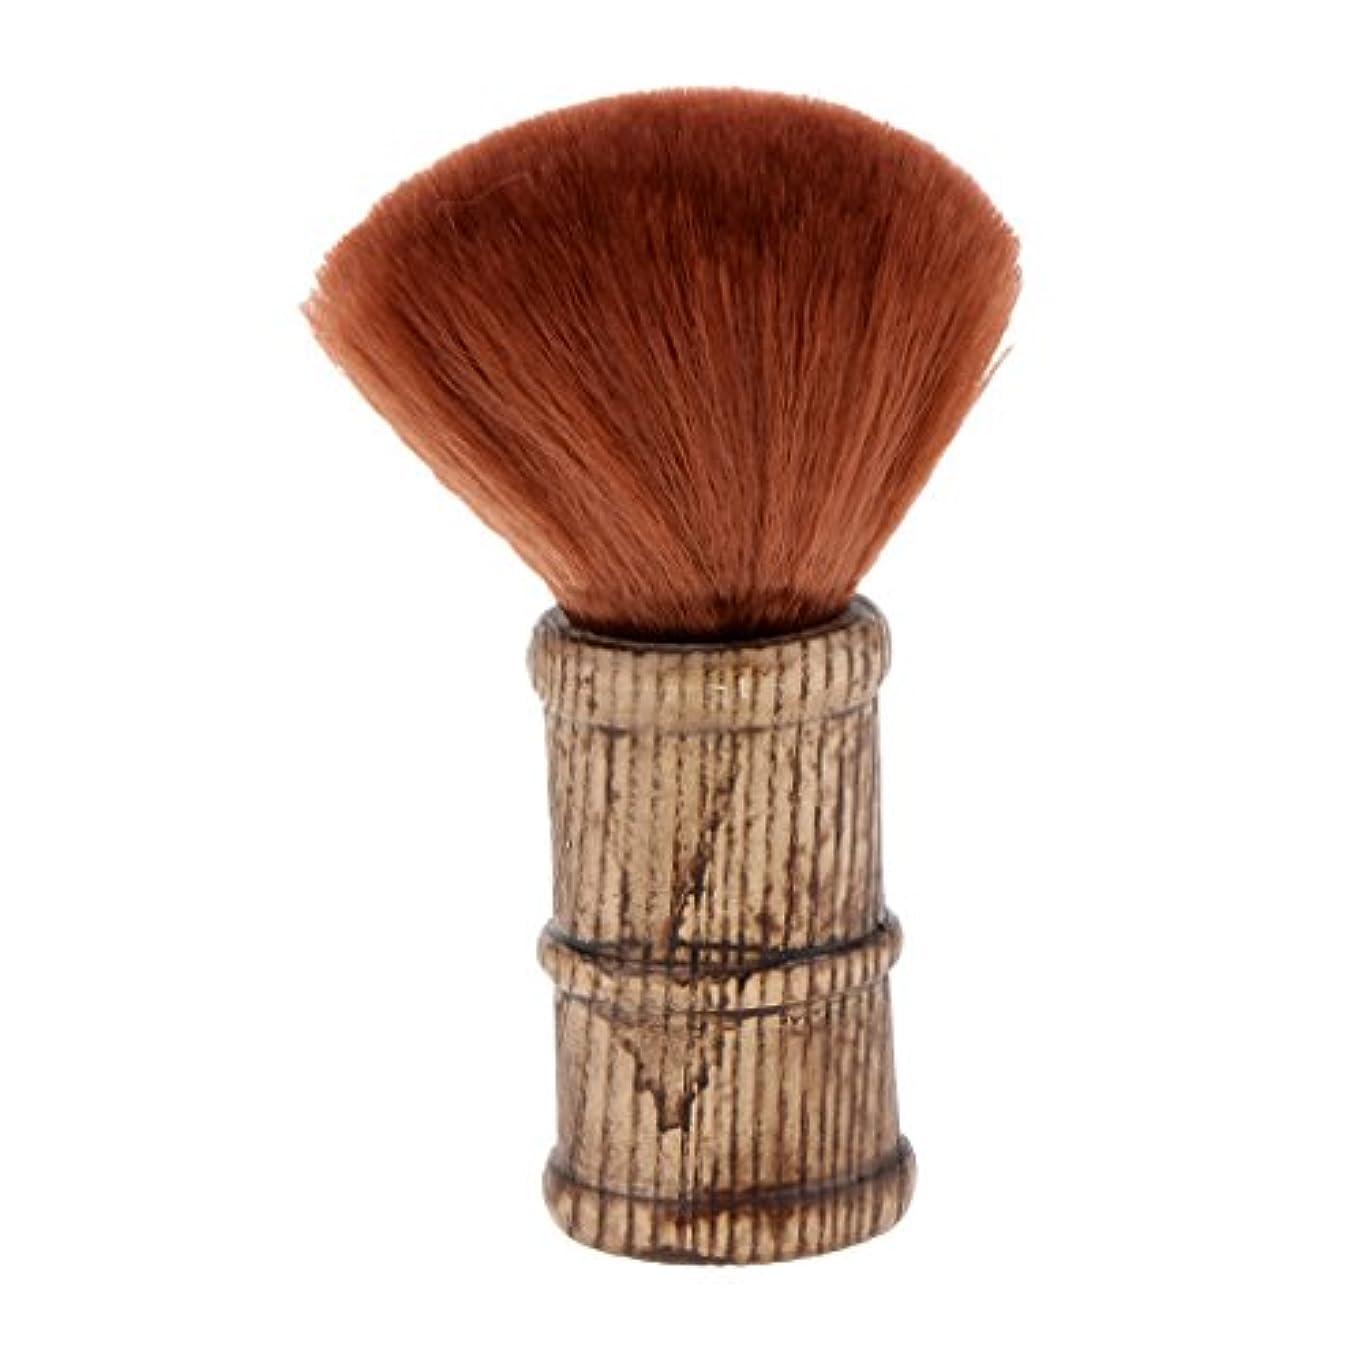 農業傾く曲線Homyl ネックダスターブラシ ヘアカットブラシ メイクブラシ サロン 理髪師 散髪 ブラシ 滑り防止 耐久性 2色選べる - 褐色